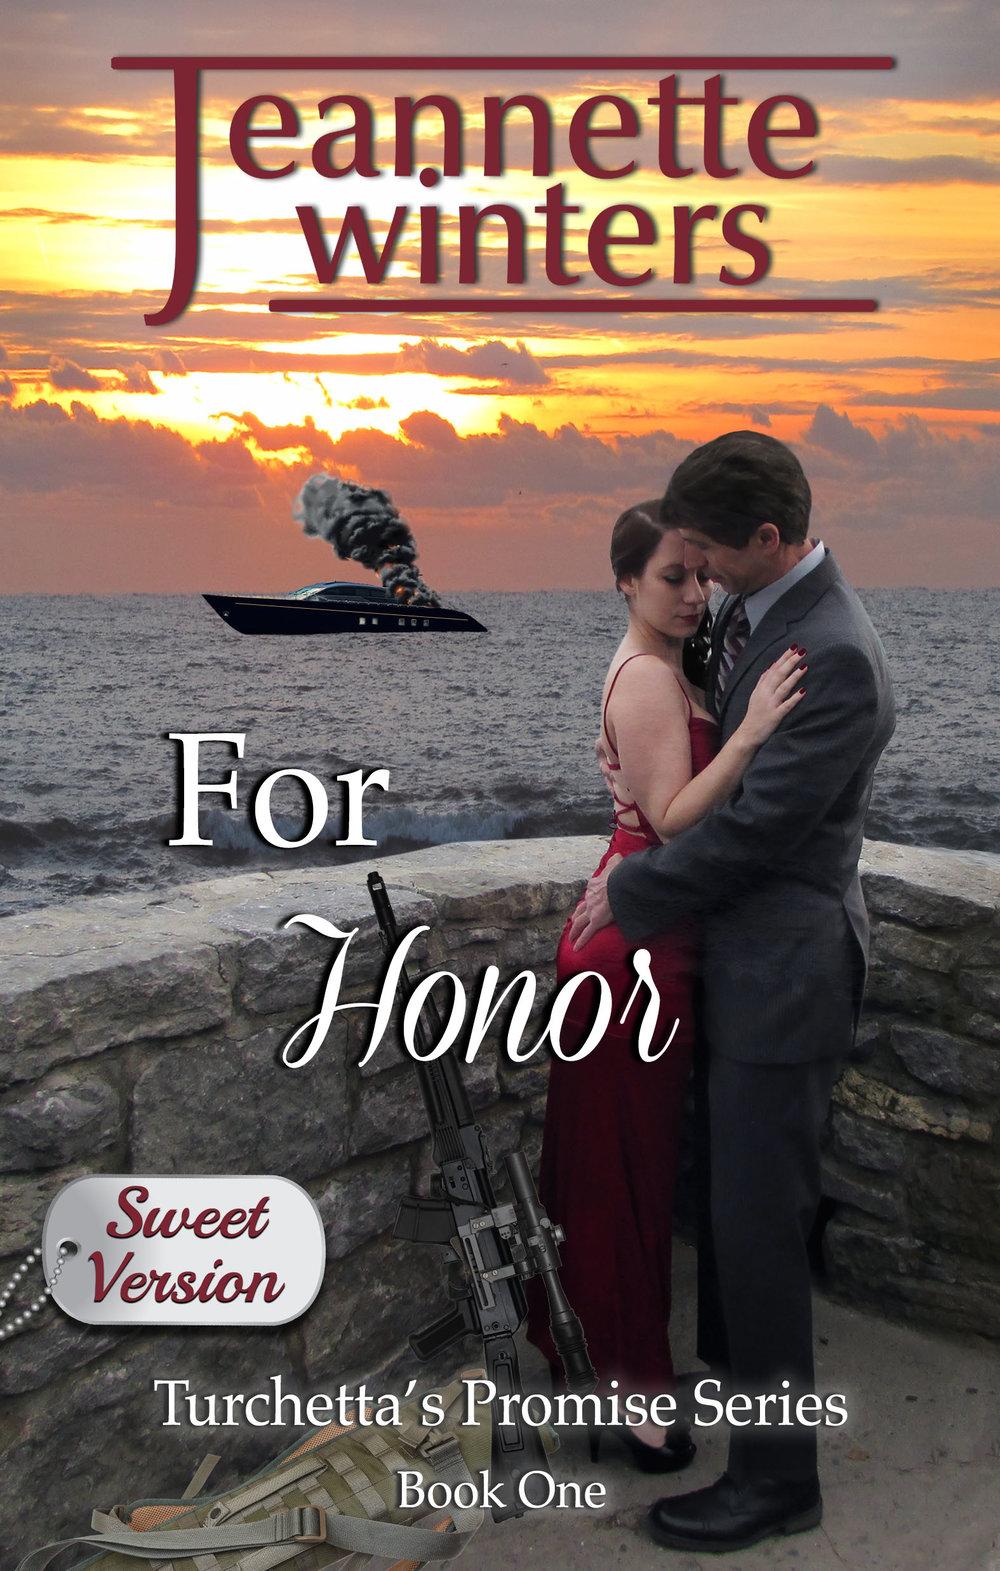 1 For Honor Sweet Version.jpg